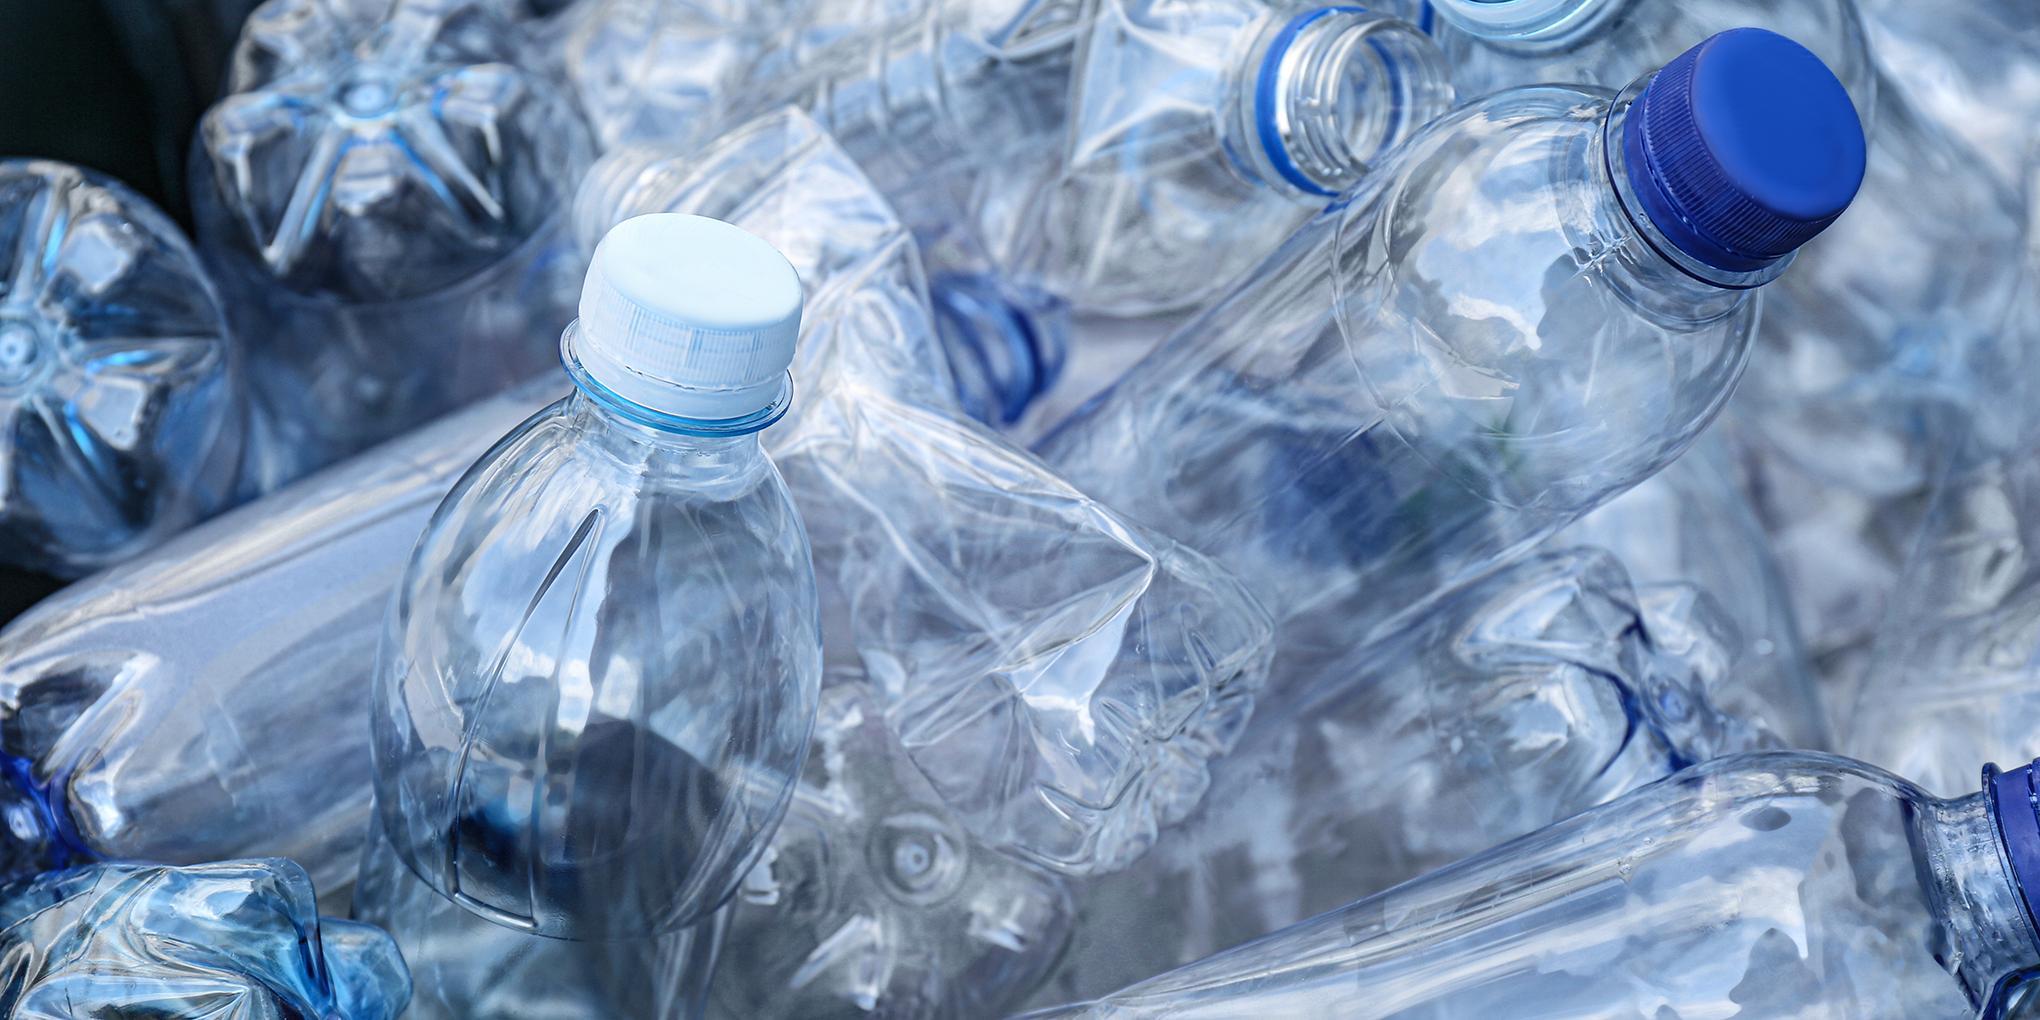 Bouteilles en plastique usagées prêtes à être recyclées